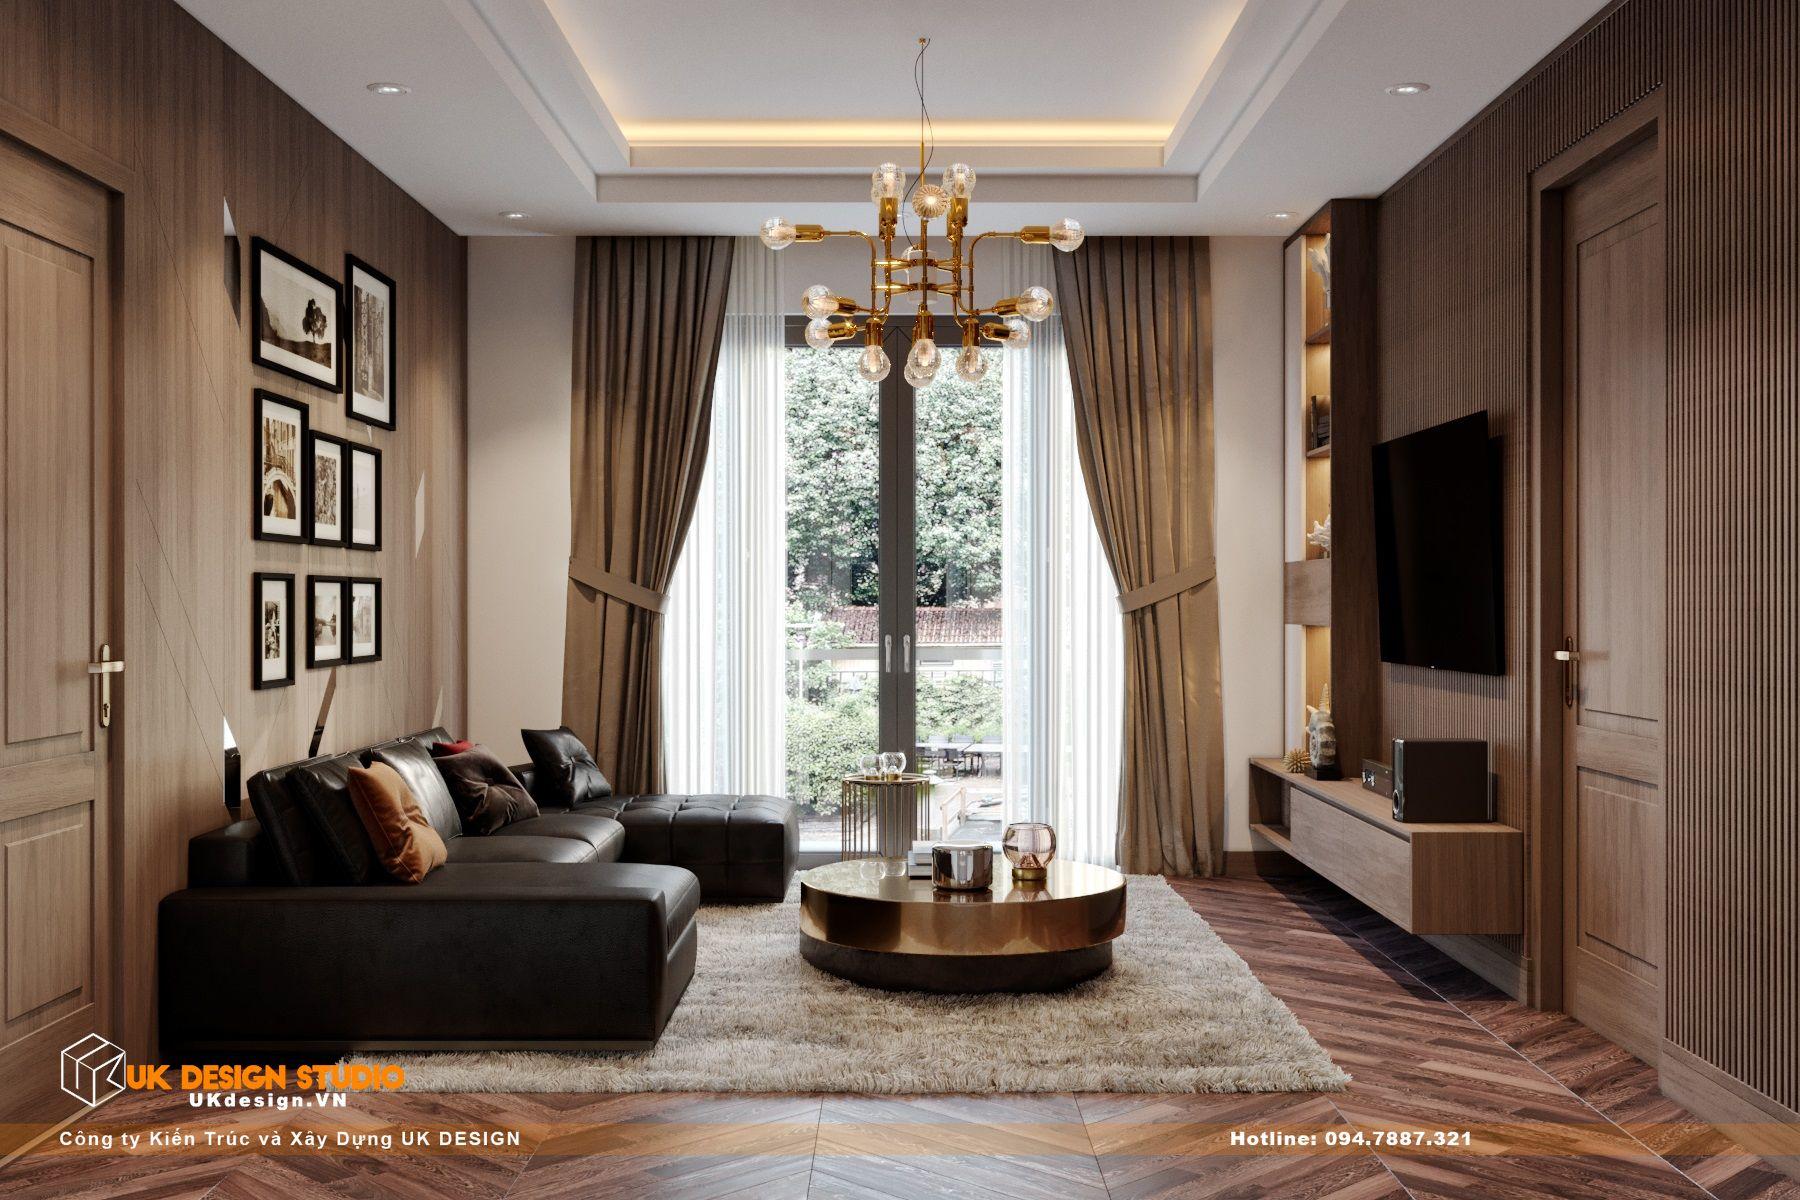 Thiết kế nội thất biệt thự nhà đẹp 3 tầng ở Quận 8 - Phòng sinh hoạt chung 12